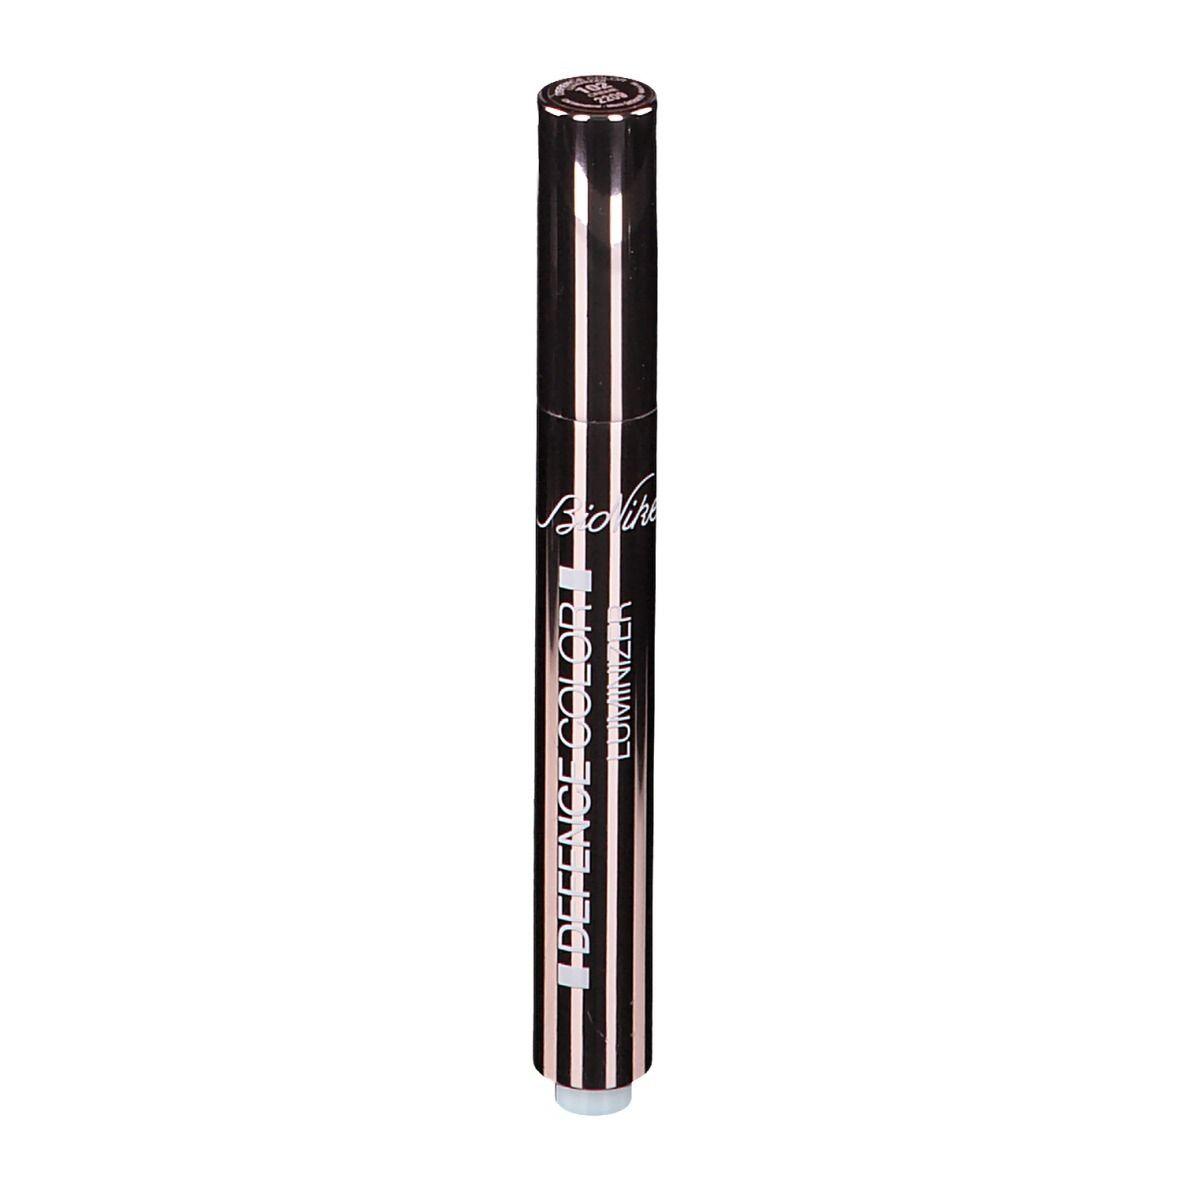 BioNike Defence Color Luminizer Correcteur illuminateur 102 Crème